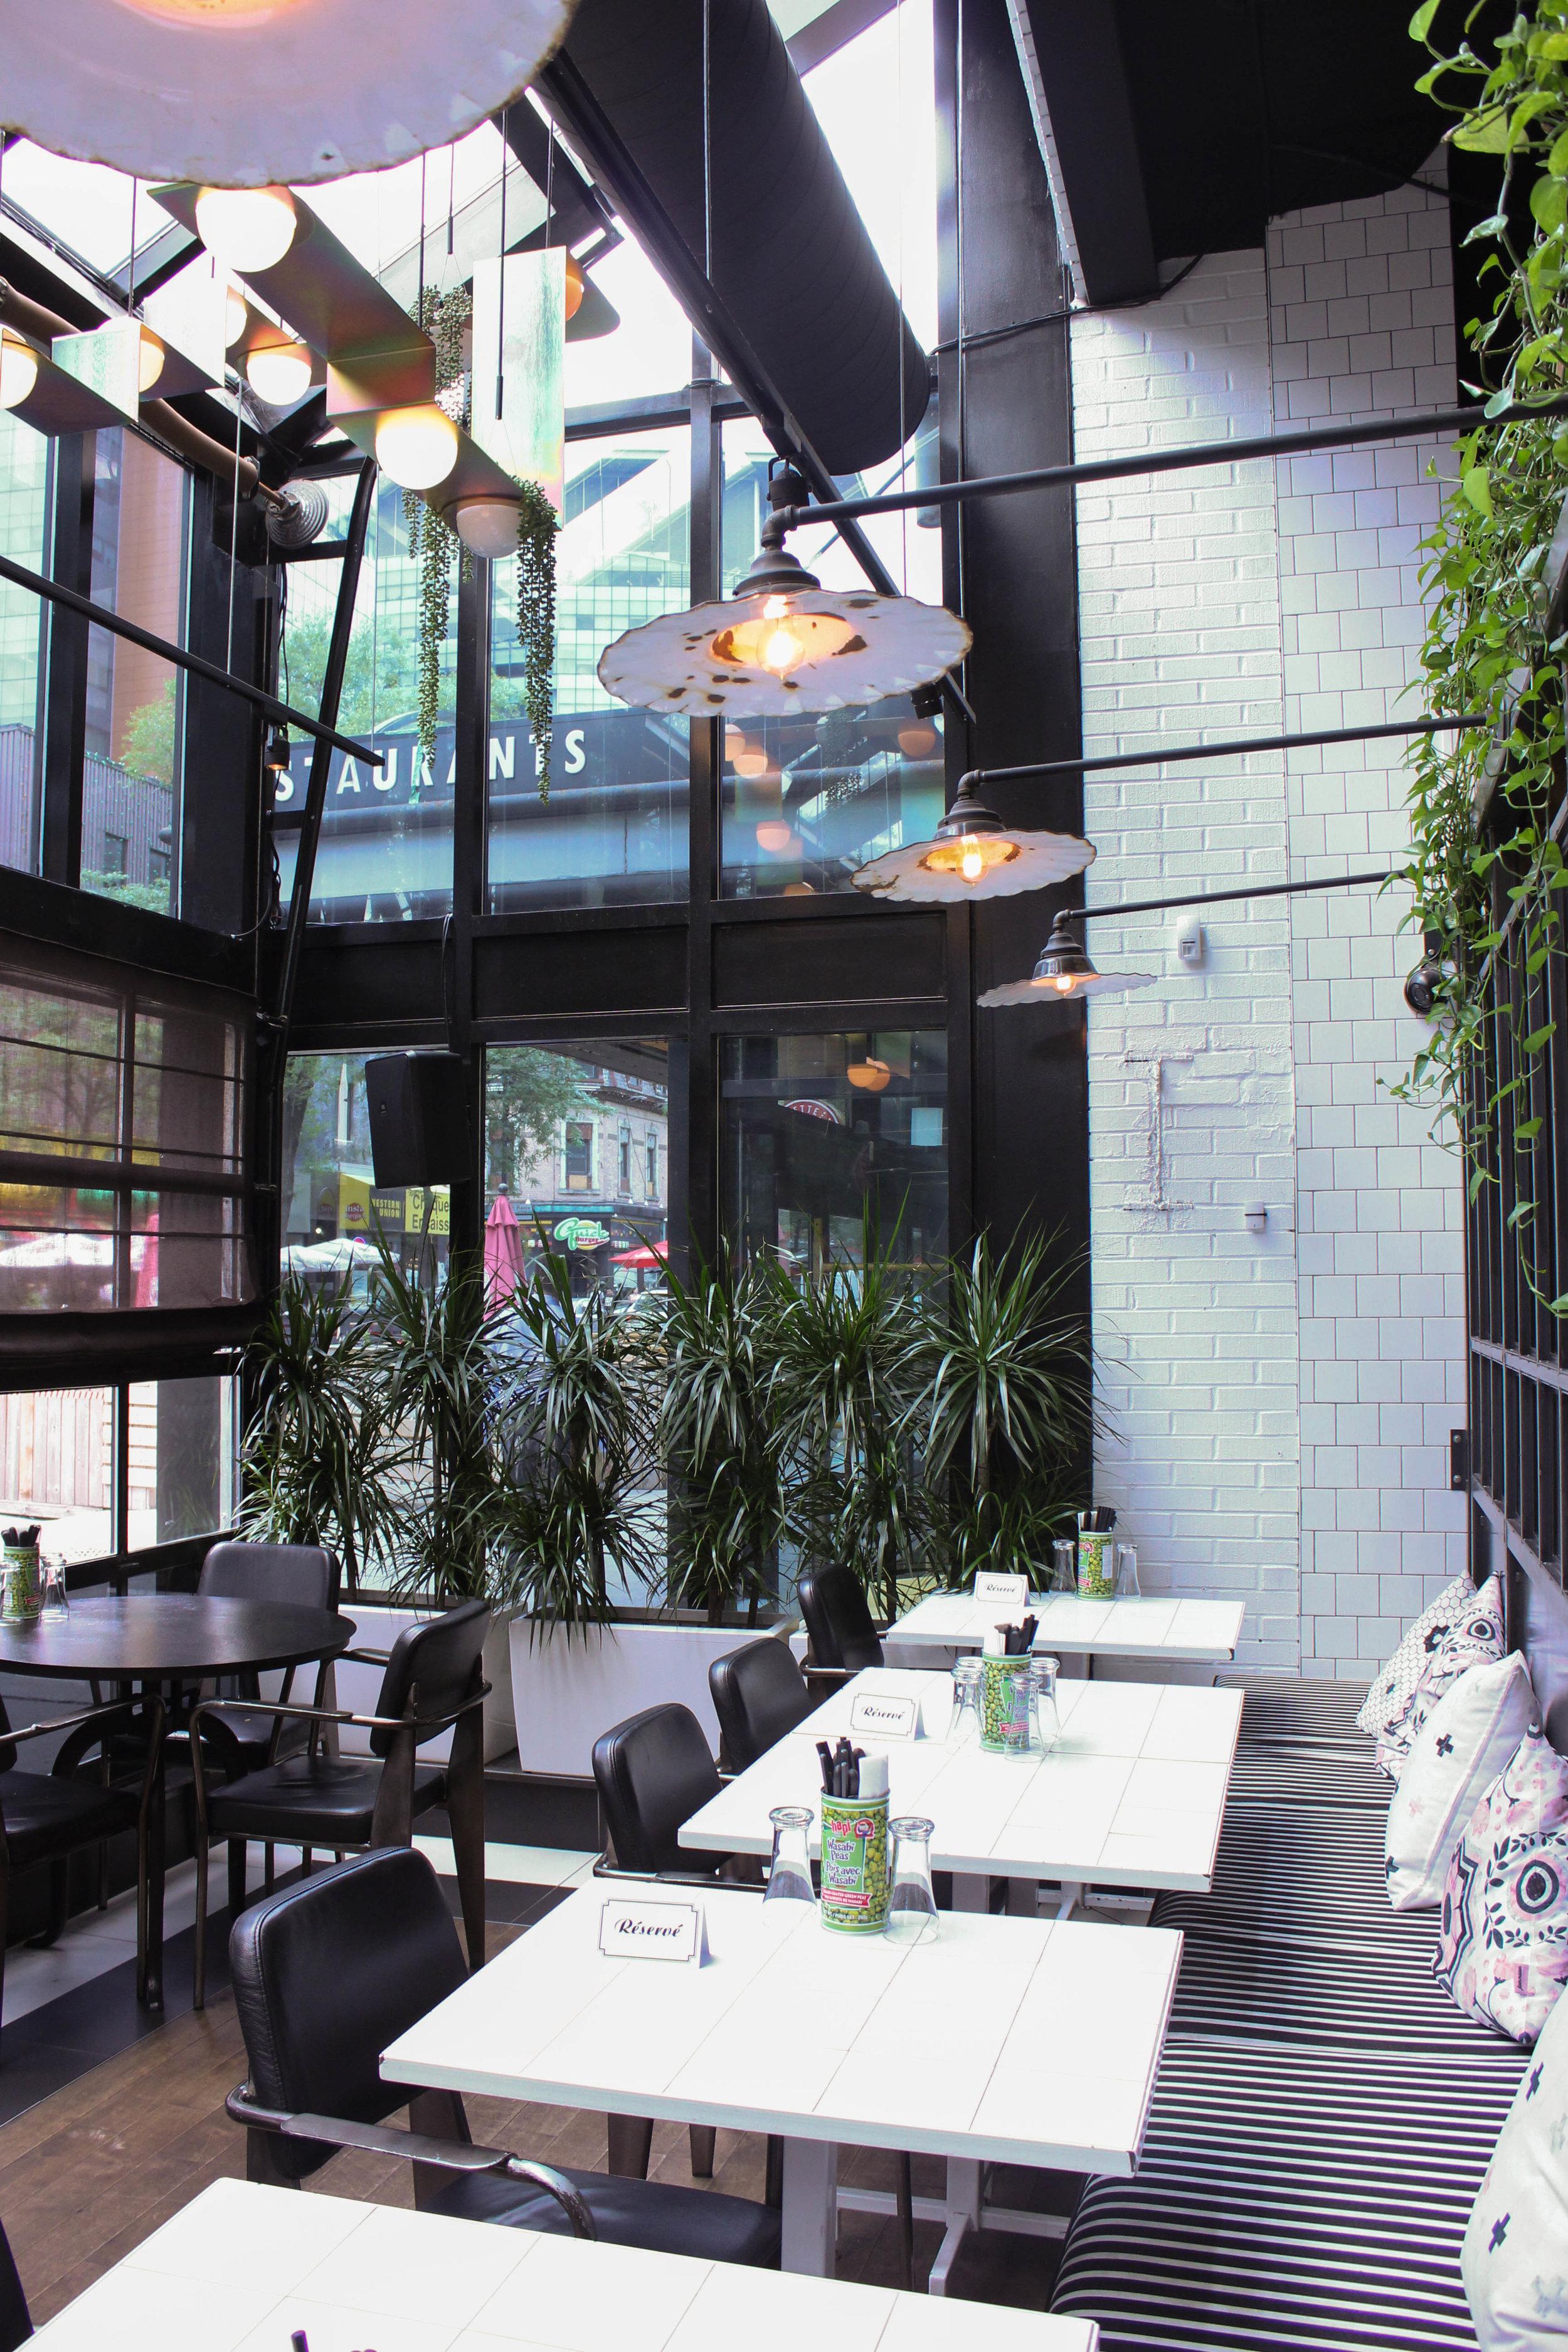 plants-in-restaurant-6157.jpg